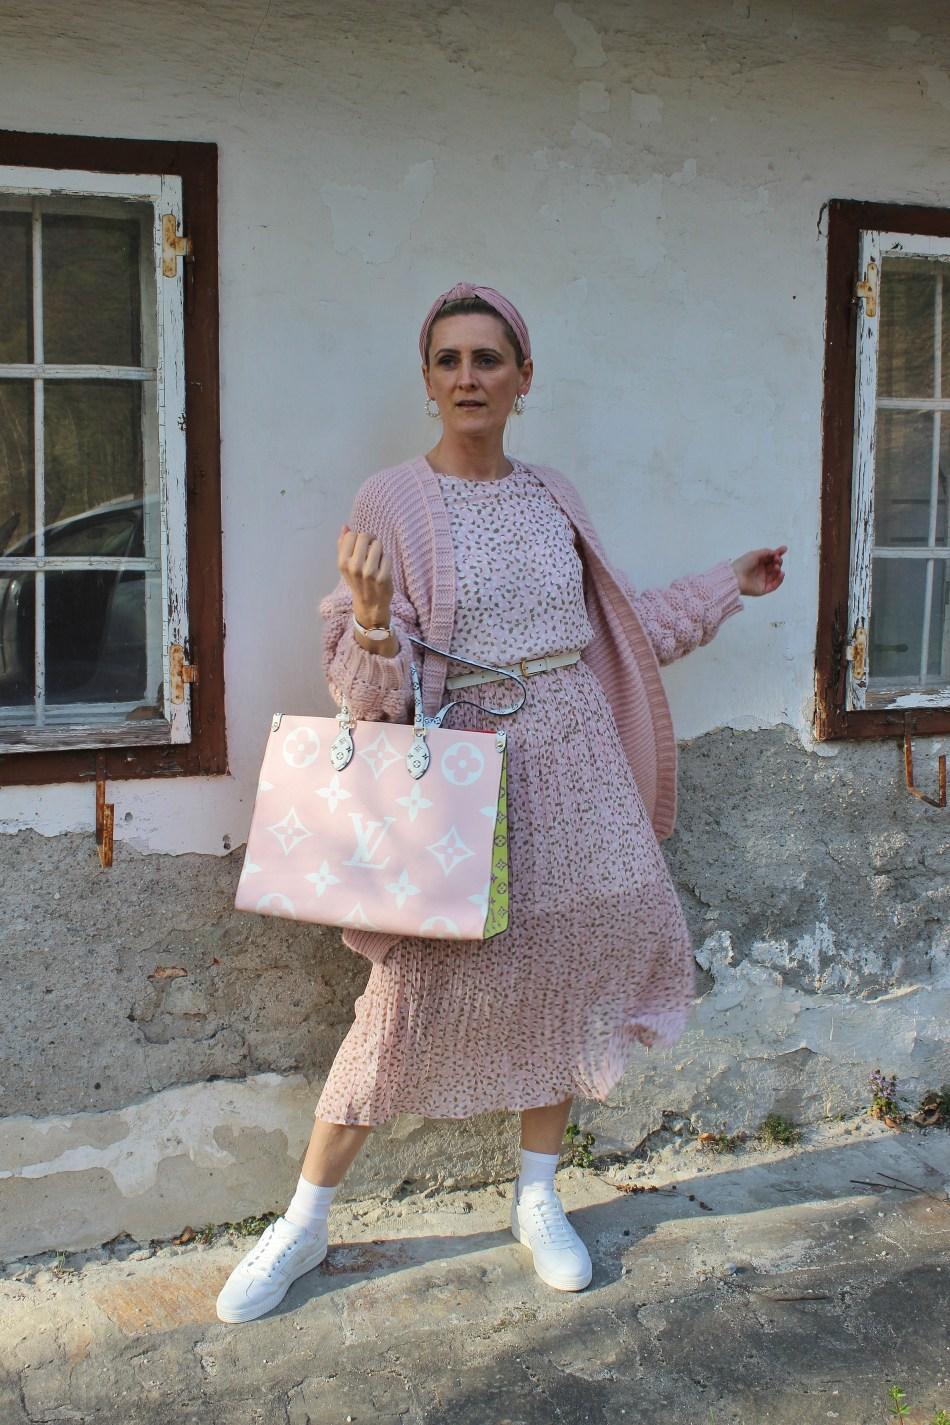 Lashoe-Hallux-Gesundheitsschuhe-Halluxvalgus-Komfort-Schuhe-Sneakers-Weiß-carrieslifestyle-Tamara-Prutsch-Louis Vuitton On the Go-rosa-